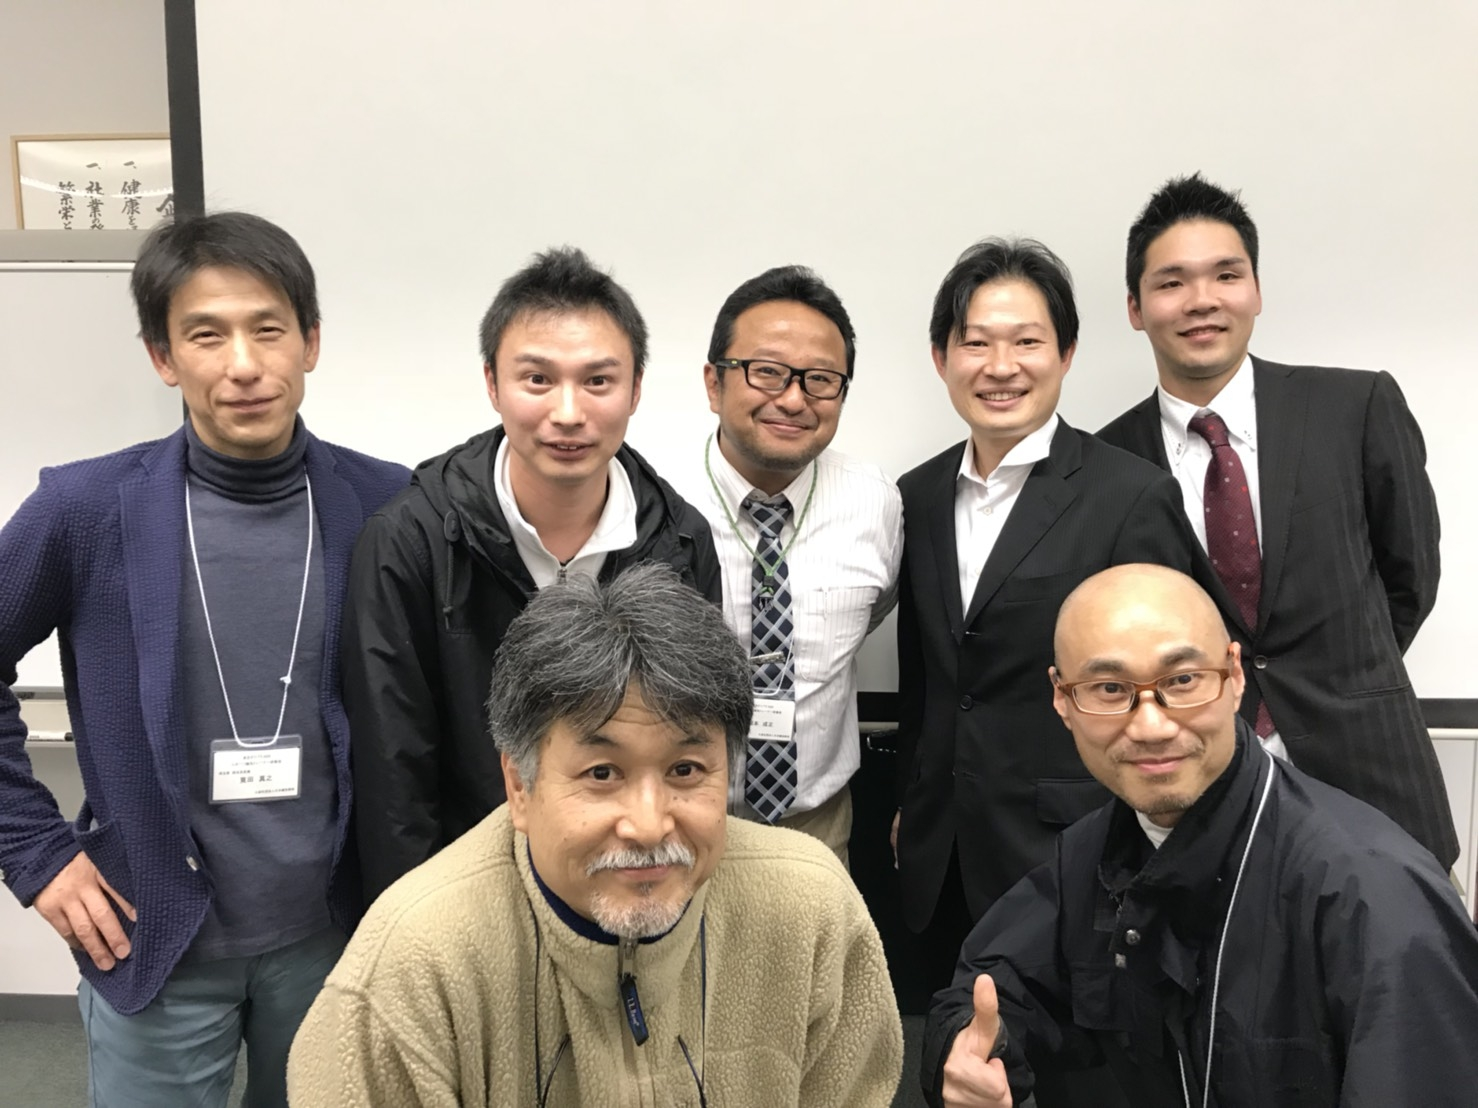 埼玉県鍼灸師会、理学療法、春日部、障害者スポーツ